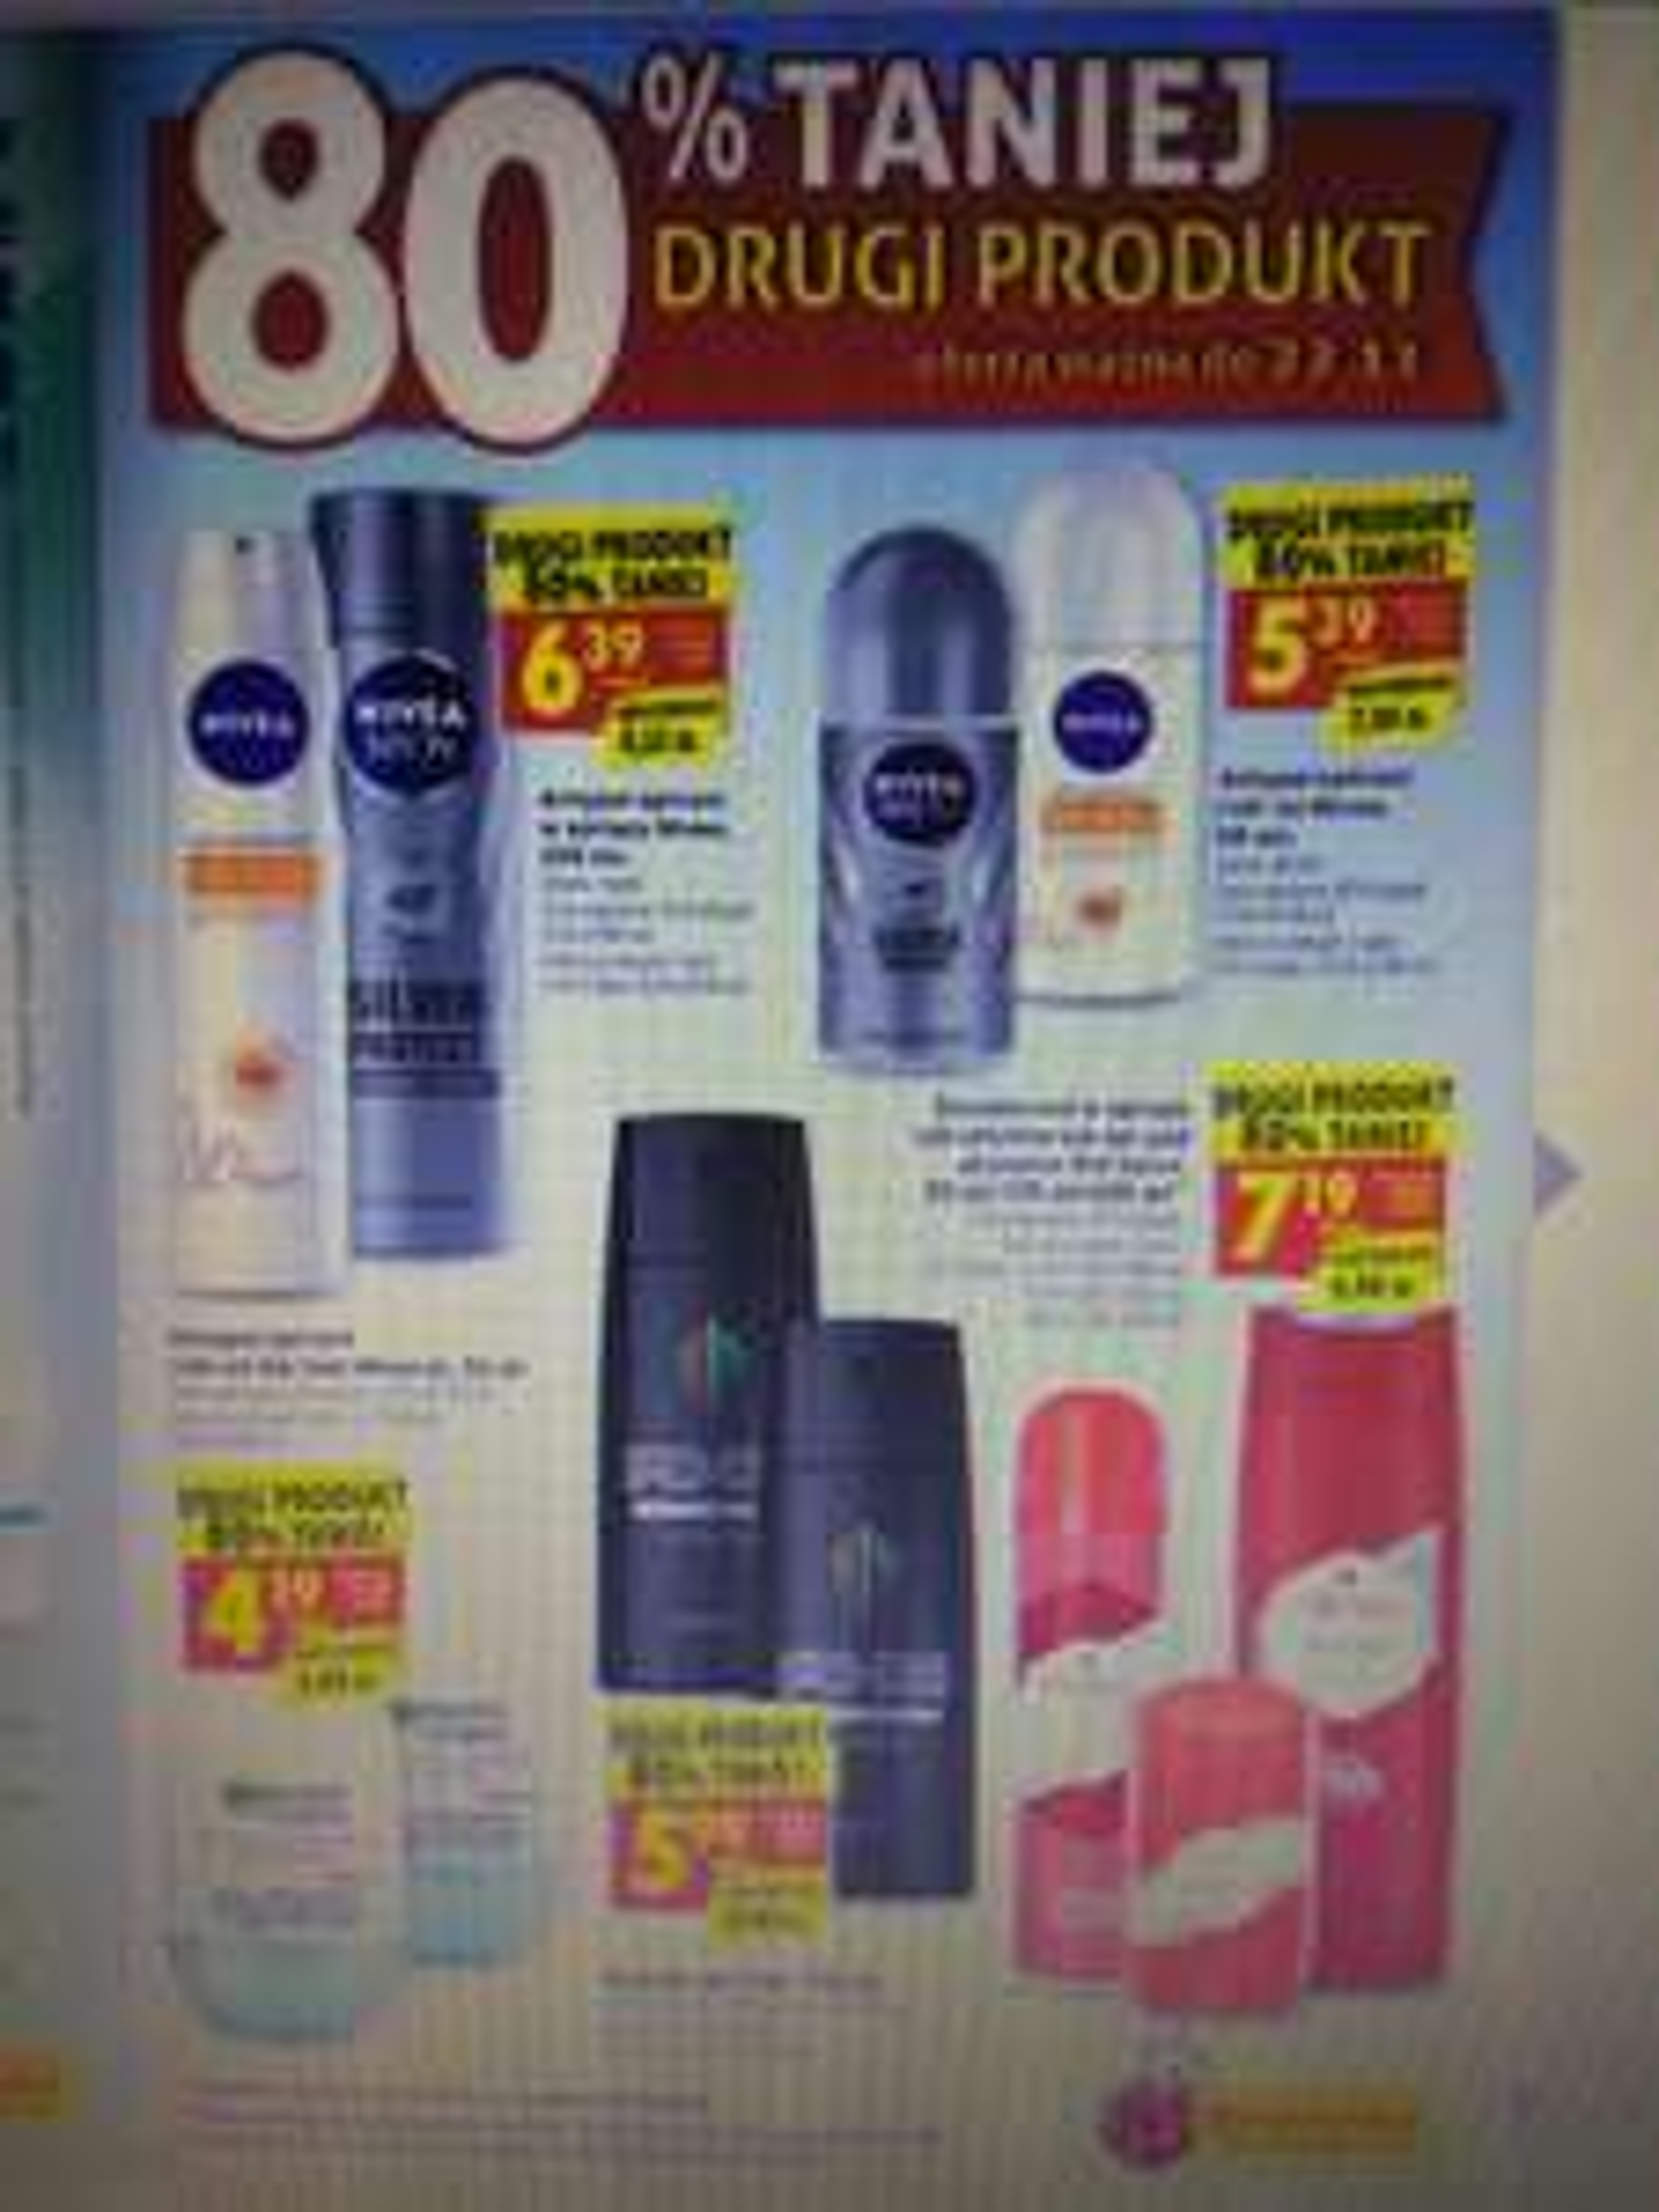 Wybrane dezodoranty i antyperspiranty w supercenach 80% taniej drugi produkt @biedronka